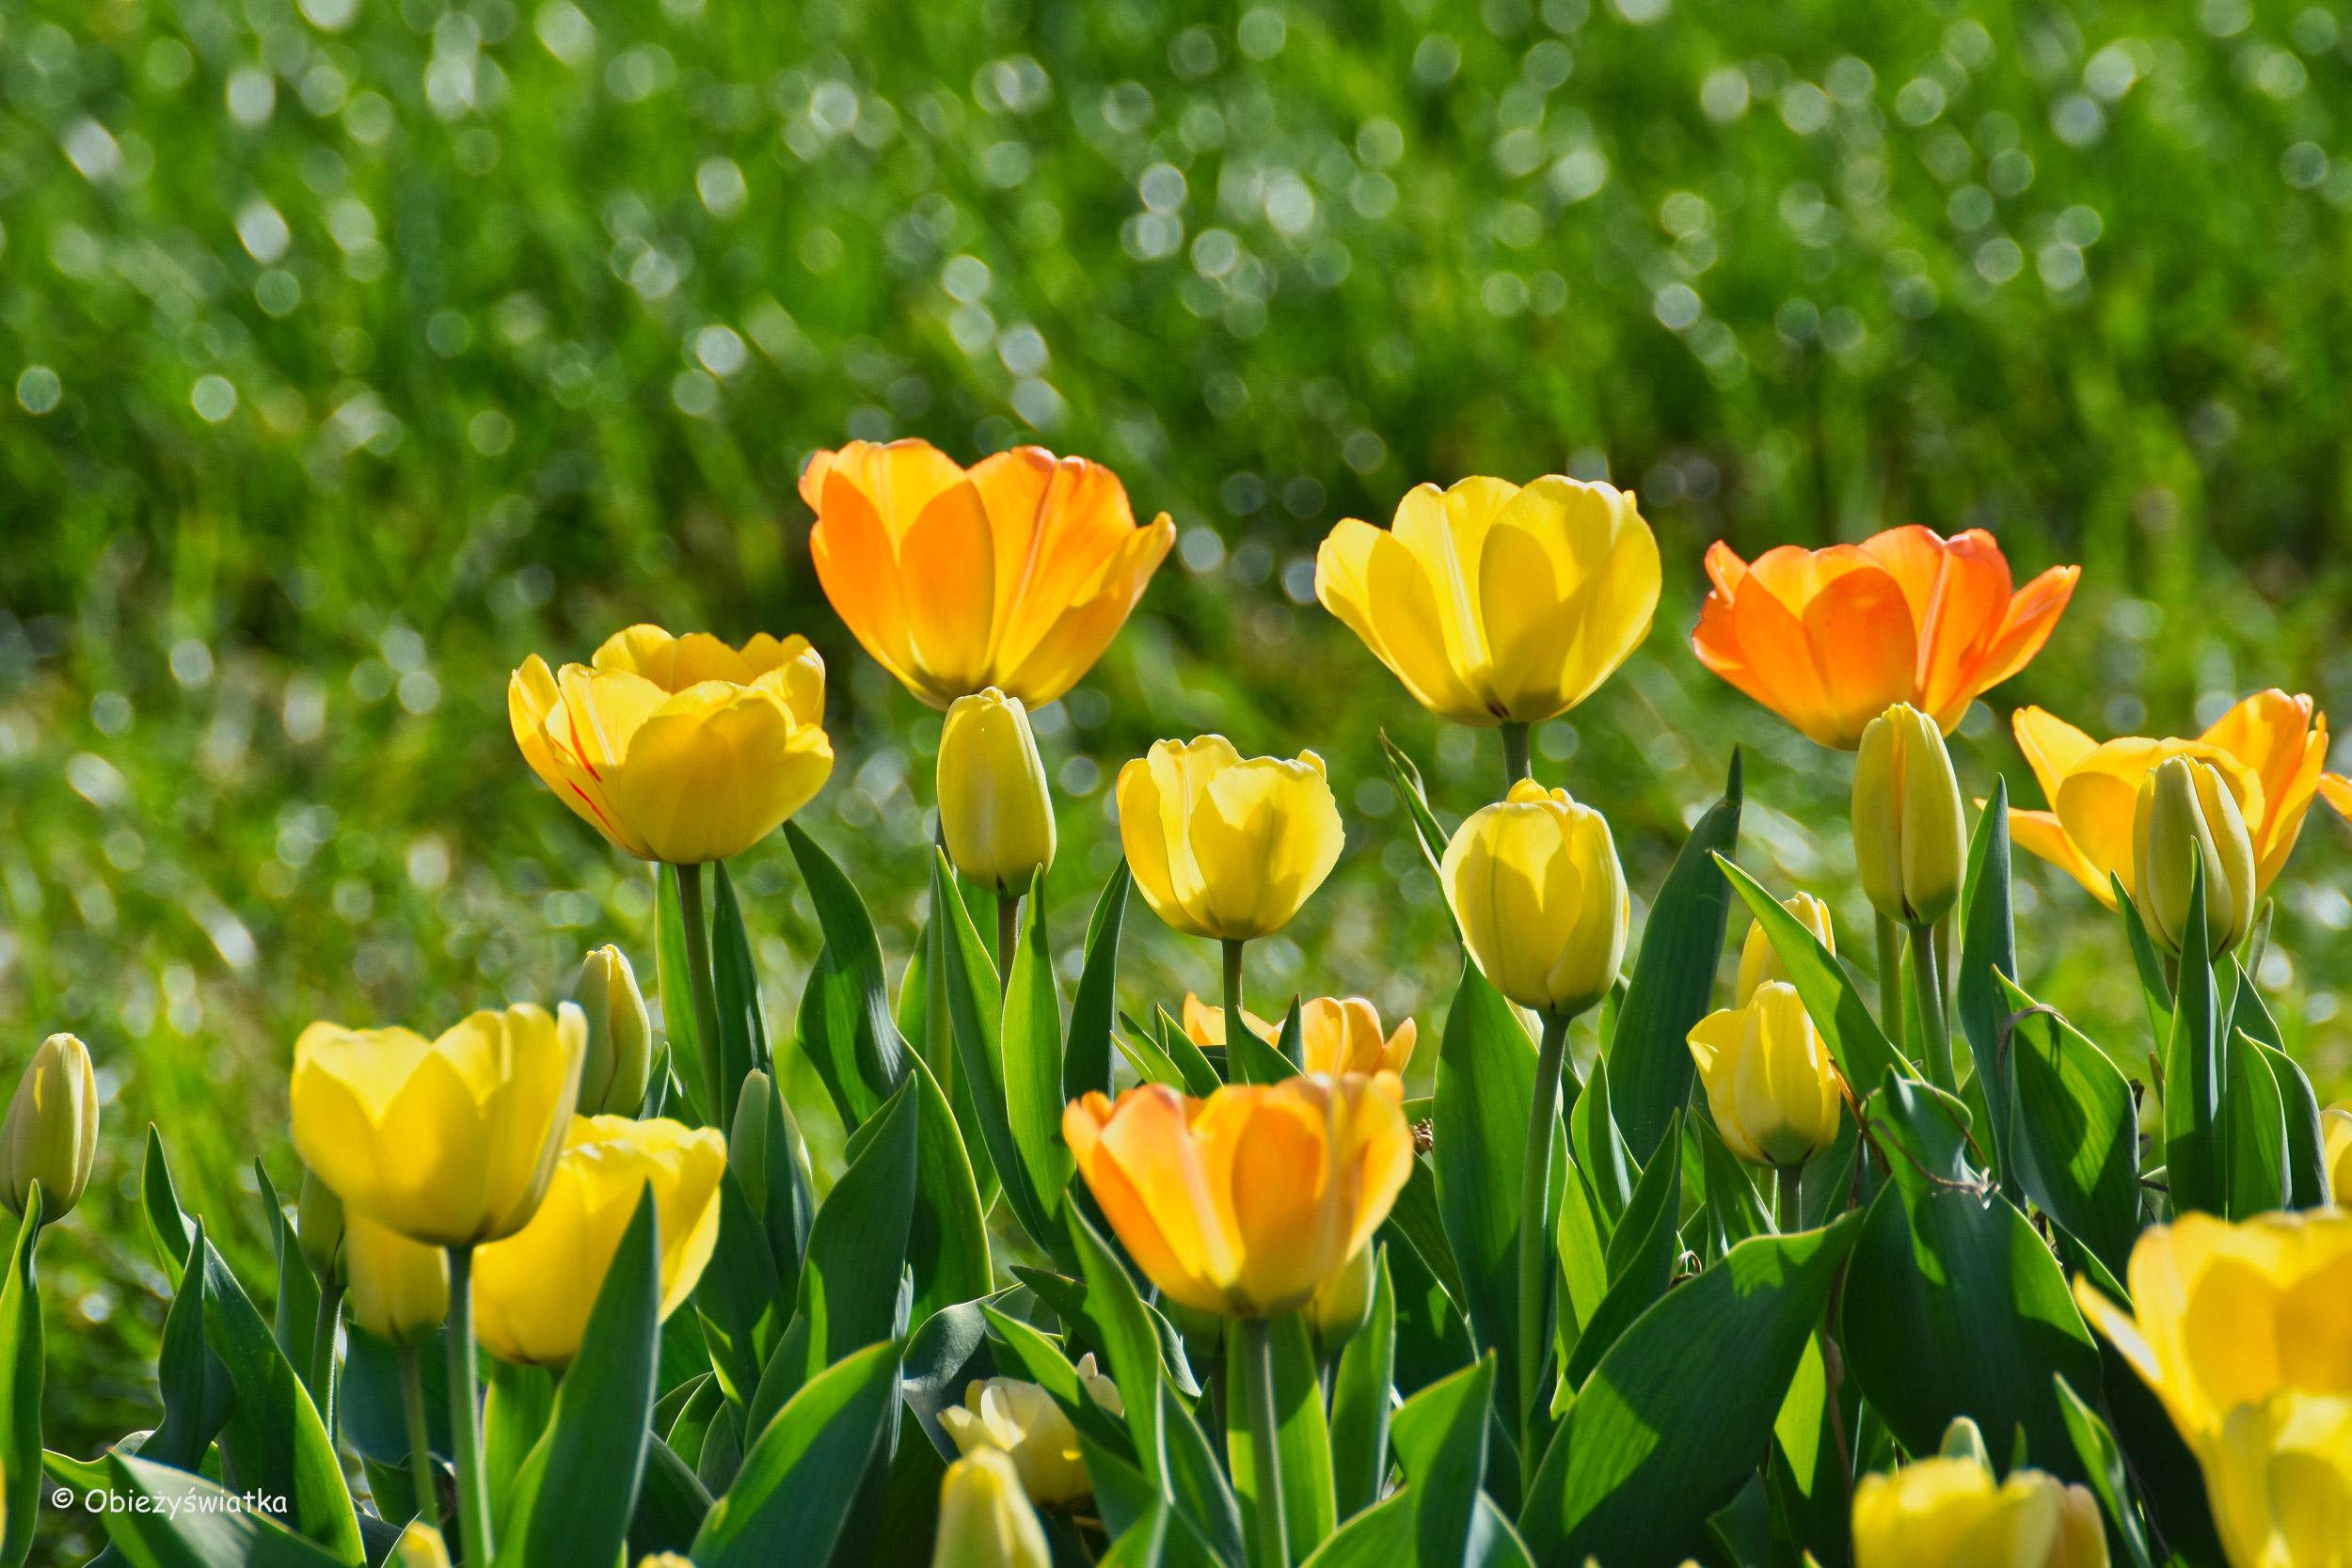 Tulipanowe pola w Holandii - pełne słońca